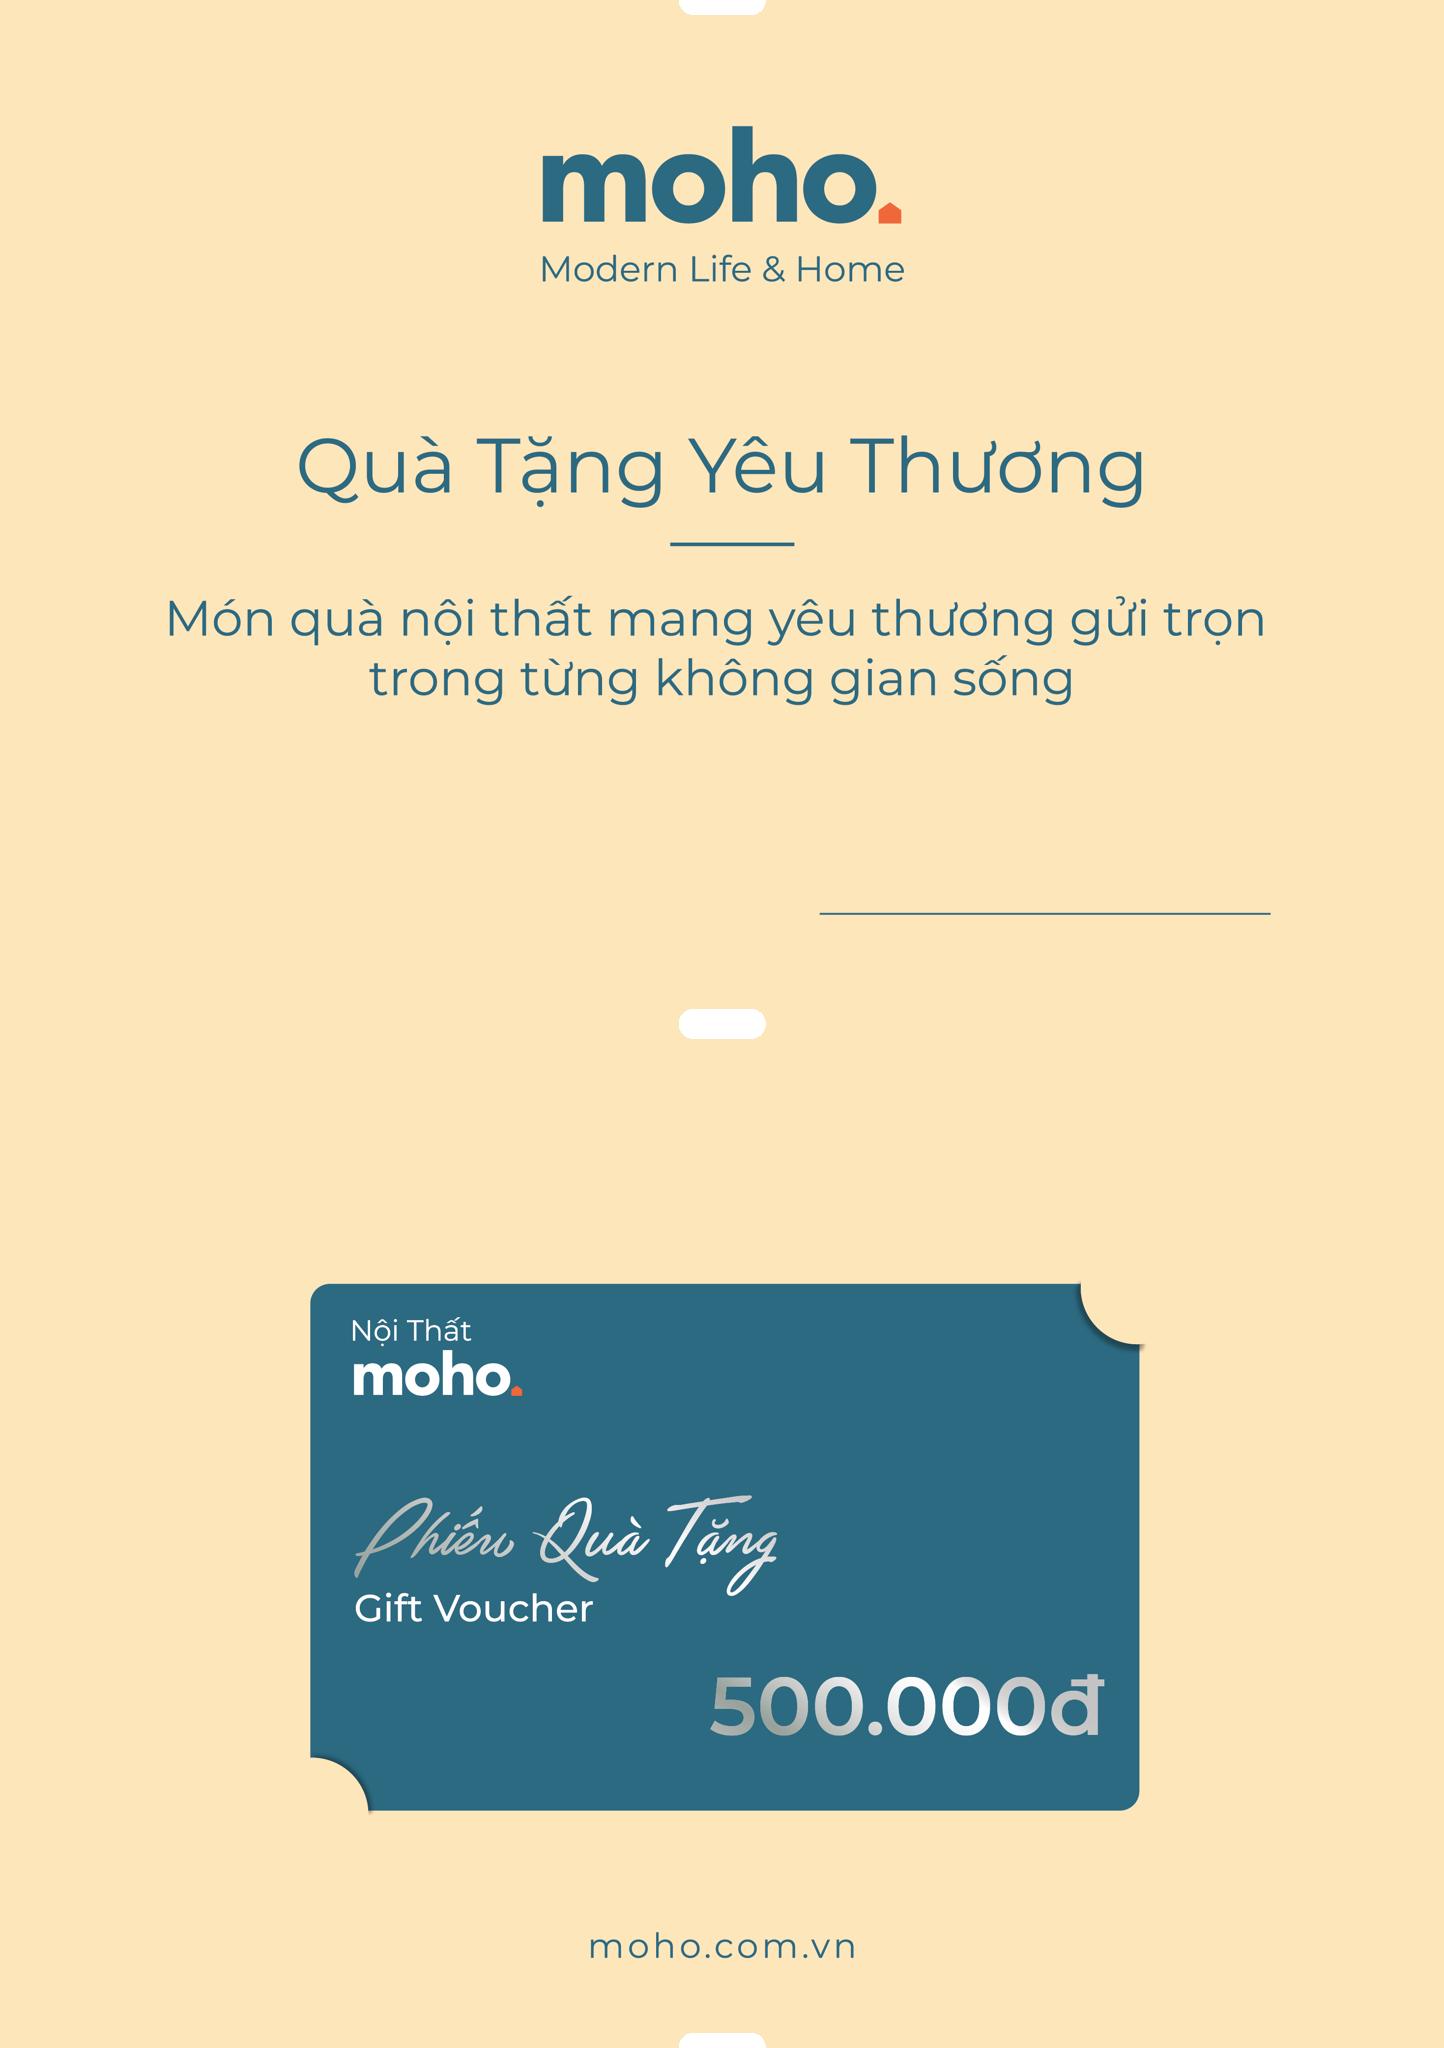 Gift Voucher 500,000₫